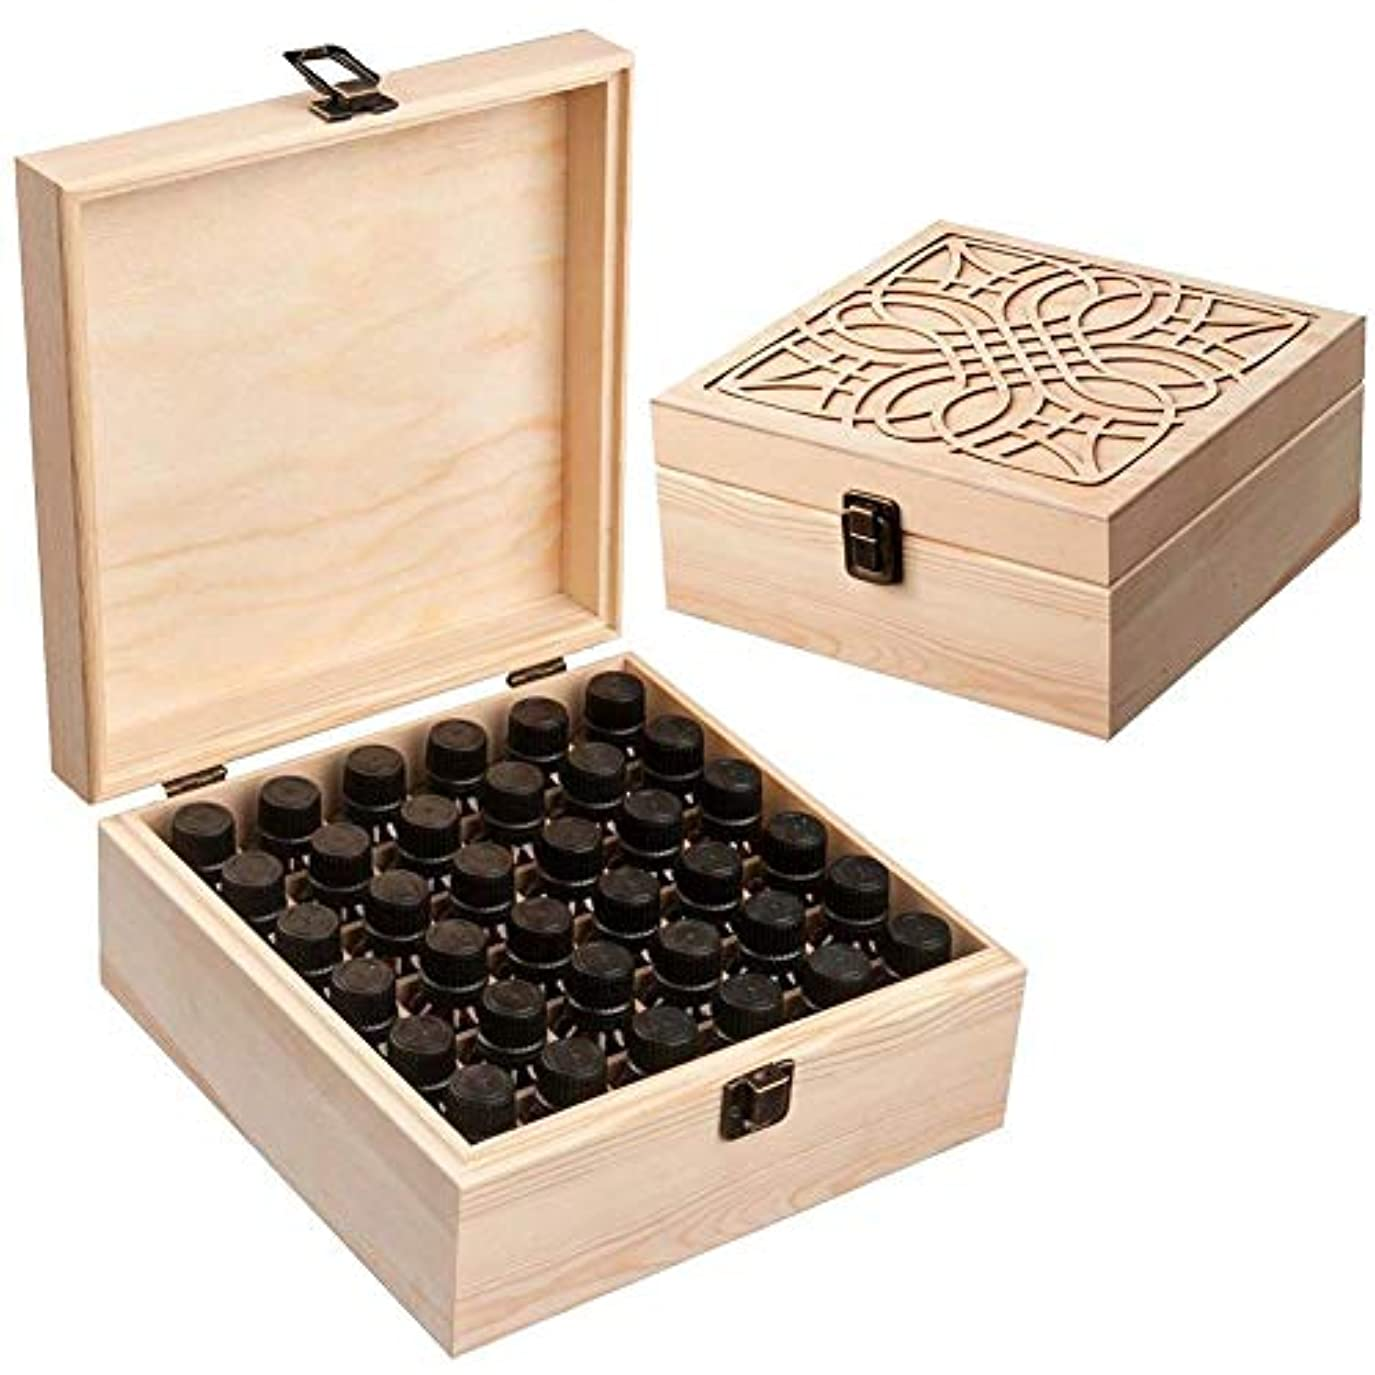 シンポジウム矩形艶Newfashion エッセンシャルオイル収納ボックス 精油収納 アロマケース 木製 大容量 携帯便利 オイルボックス 飾り物 36本用